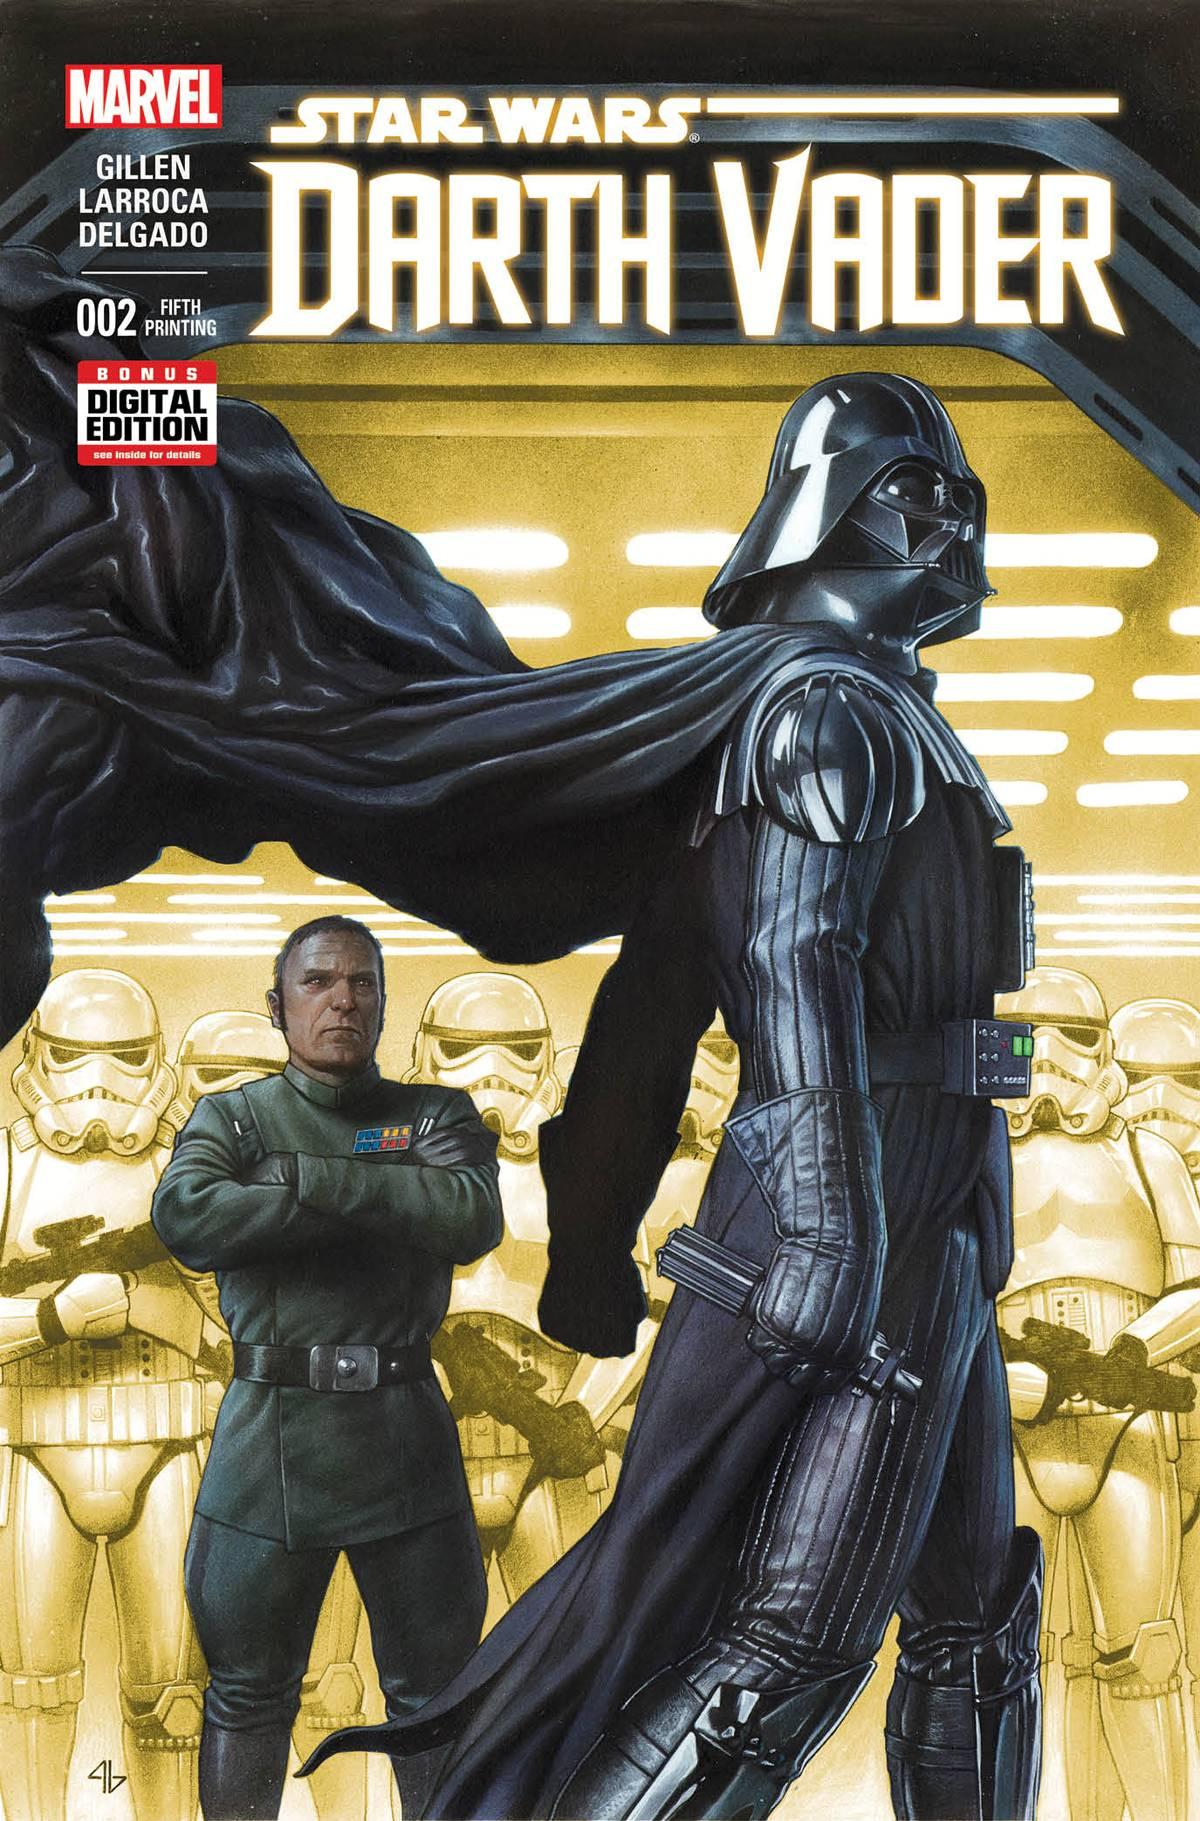 Darth Vader #2 (5th Printing) (11.11.2015)